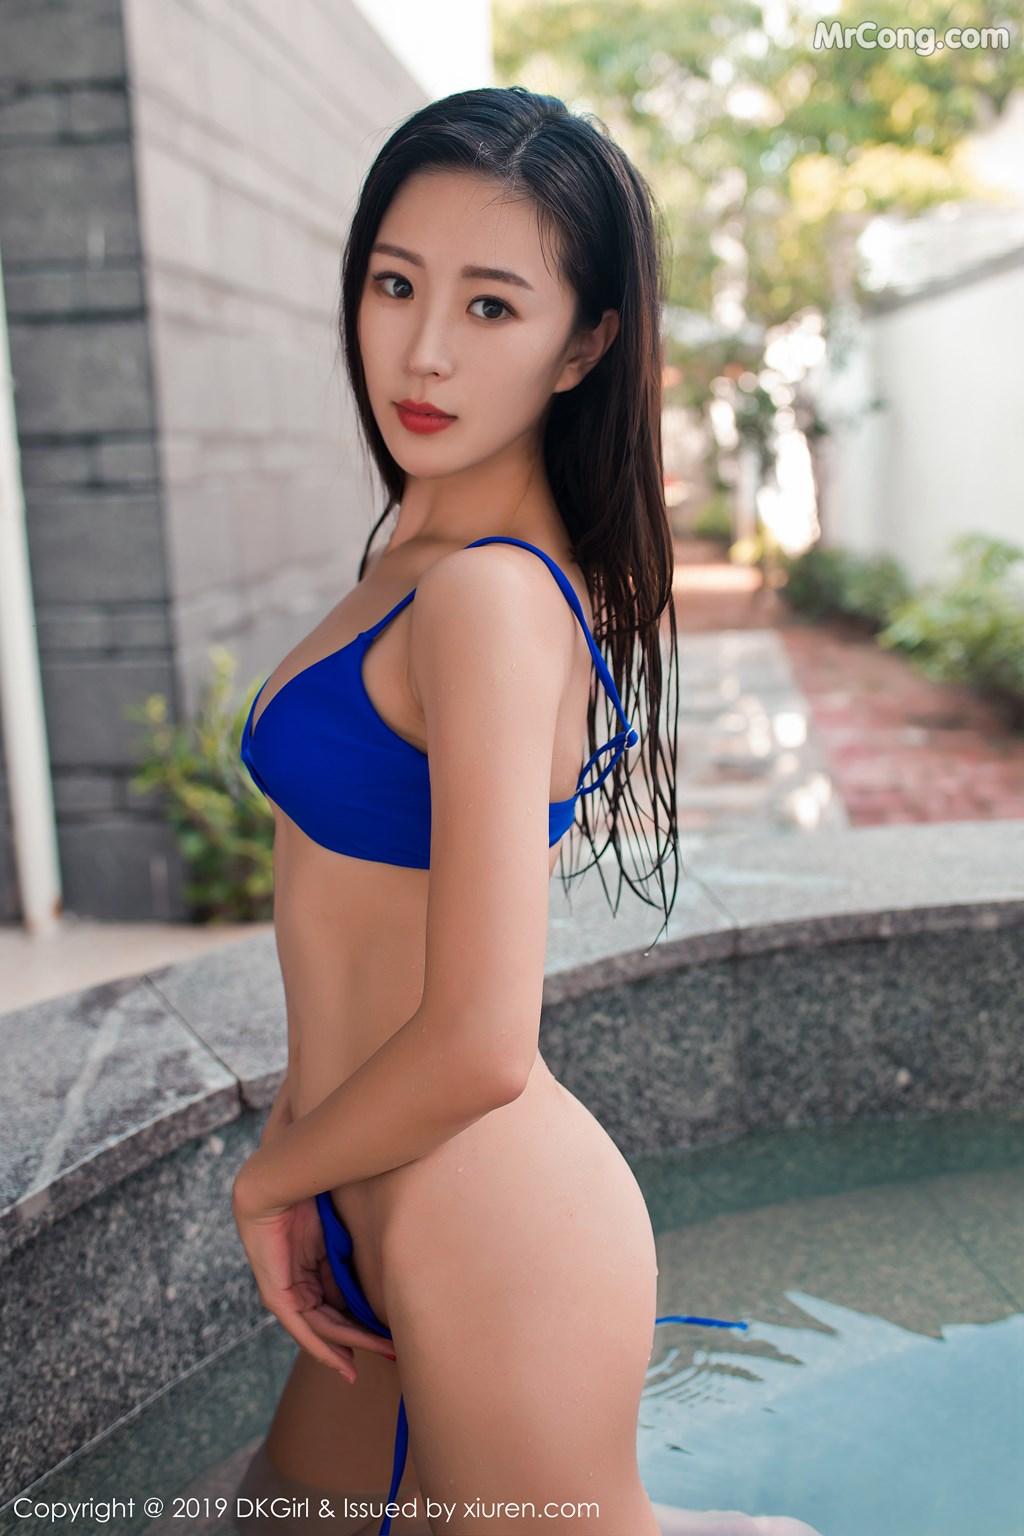 Image DKGirl-Vol.117-Alice-MrCong.com-025 in post DKGirl Vol.117: 小子怡Alice (41 ảnh)